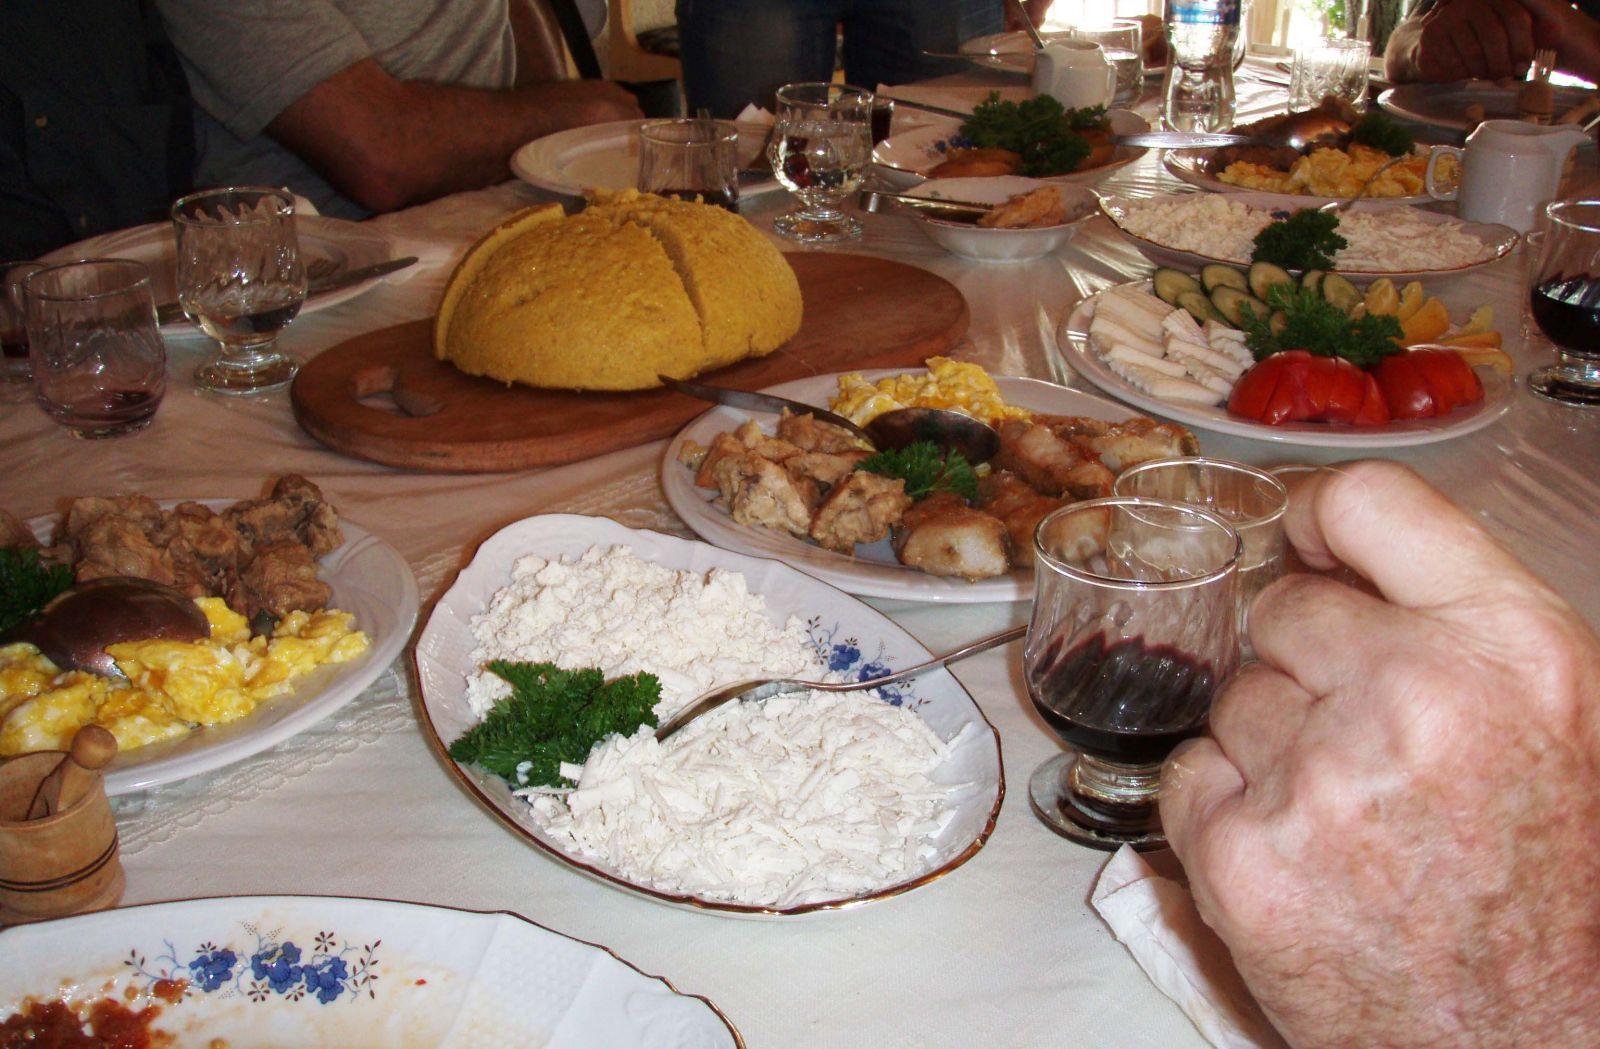 Juutalaisuus Ruoka